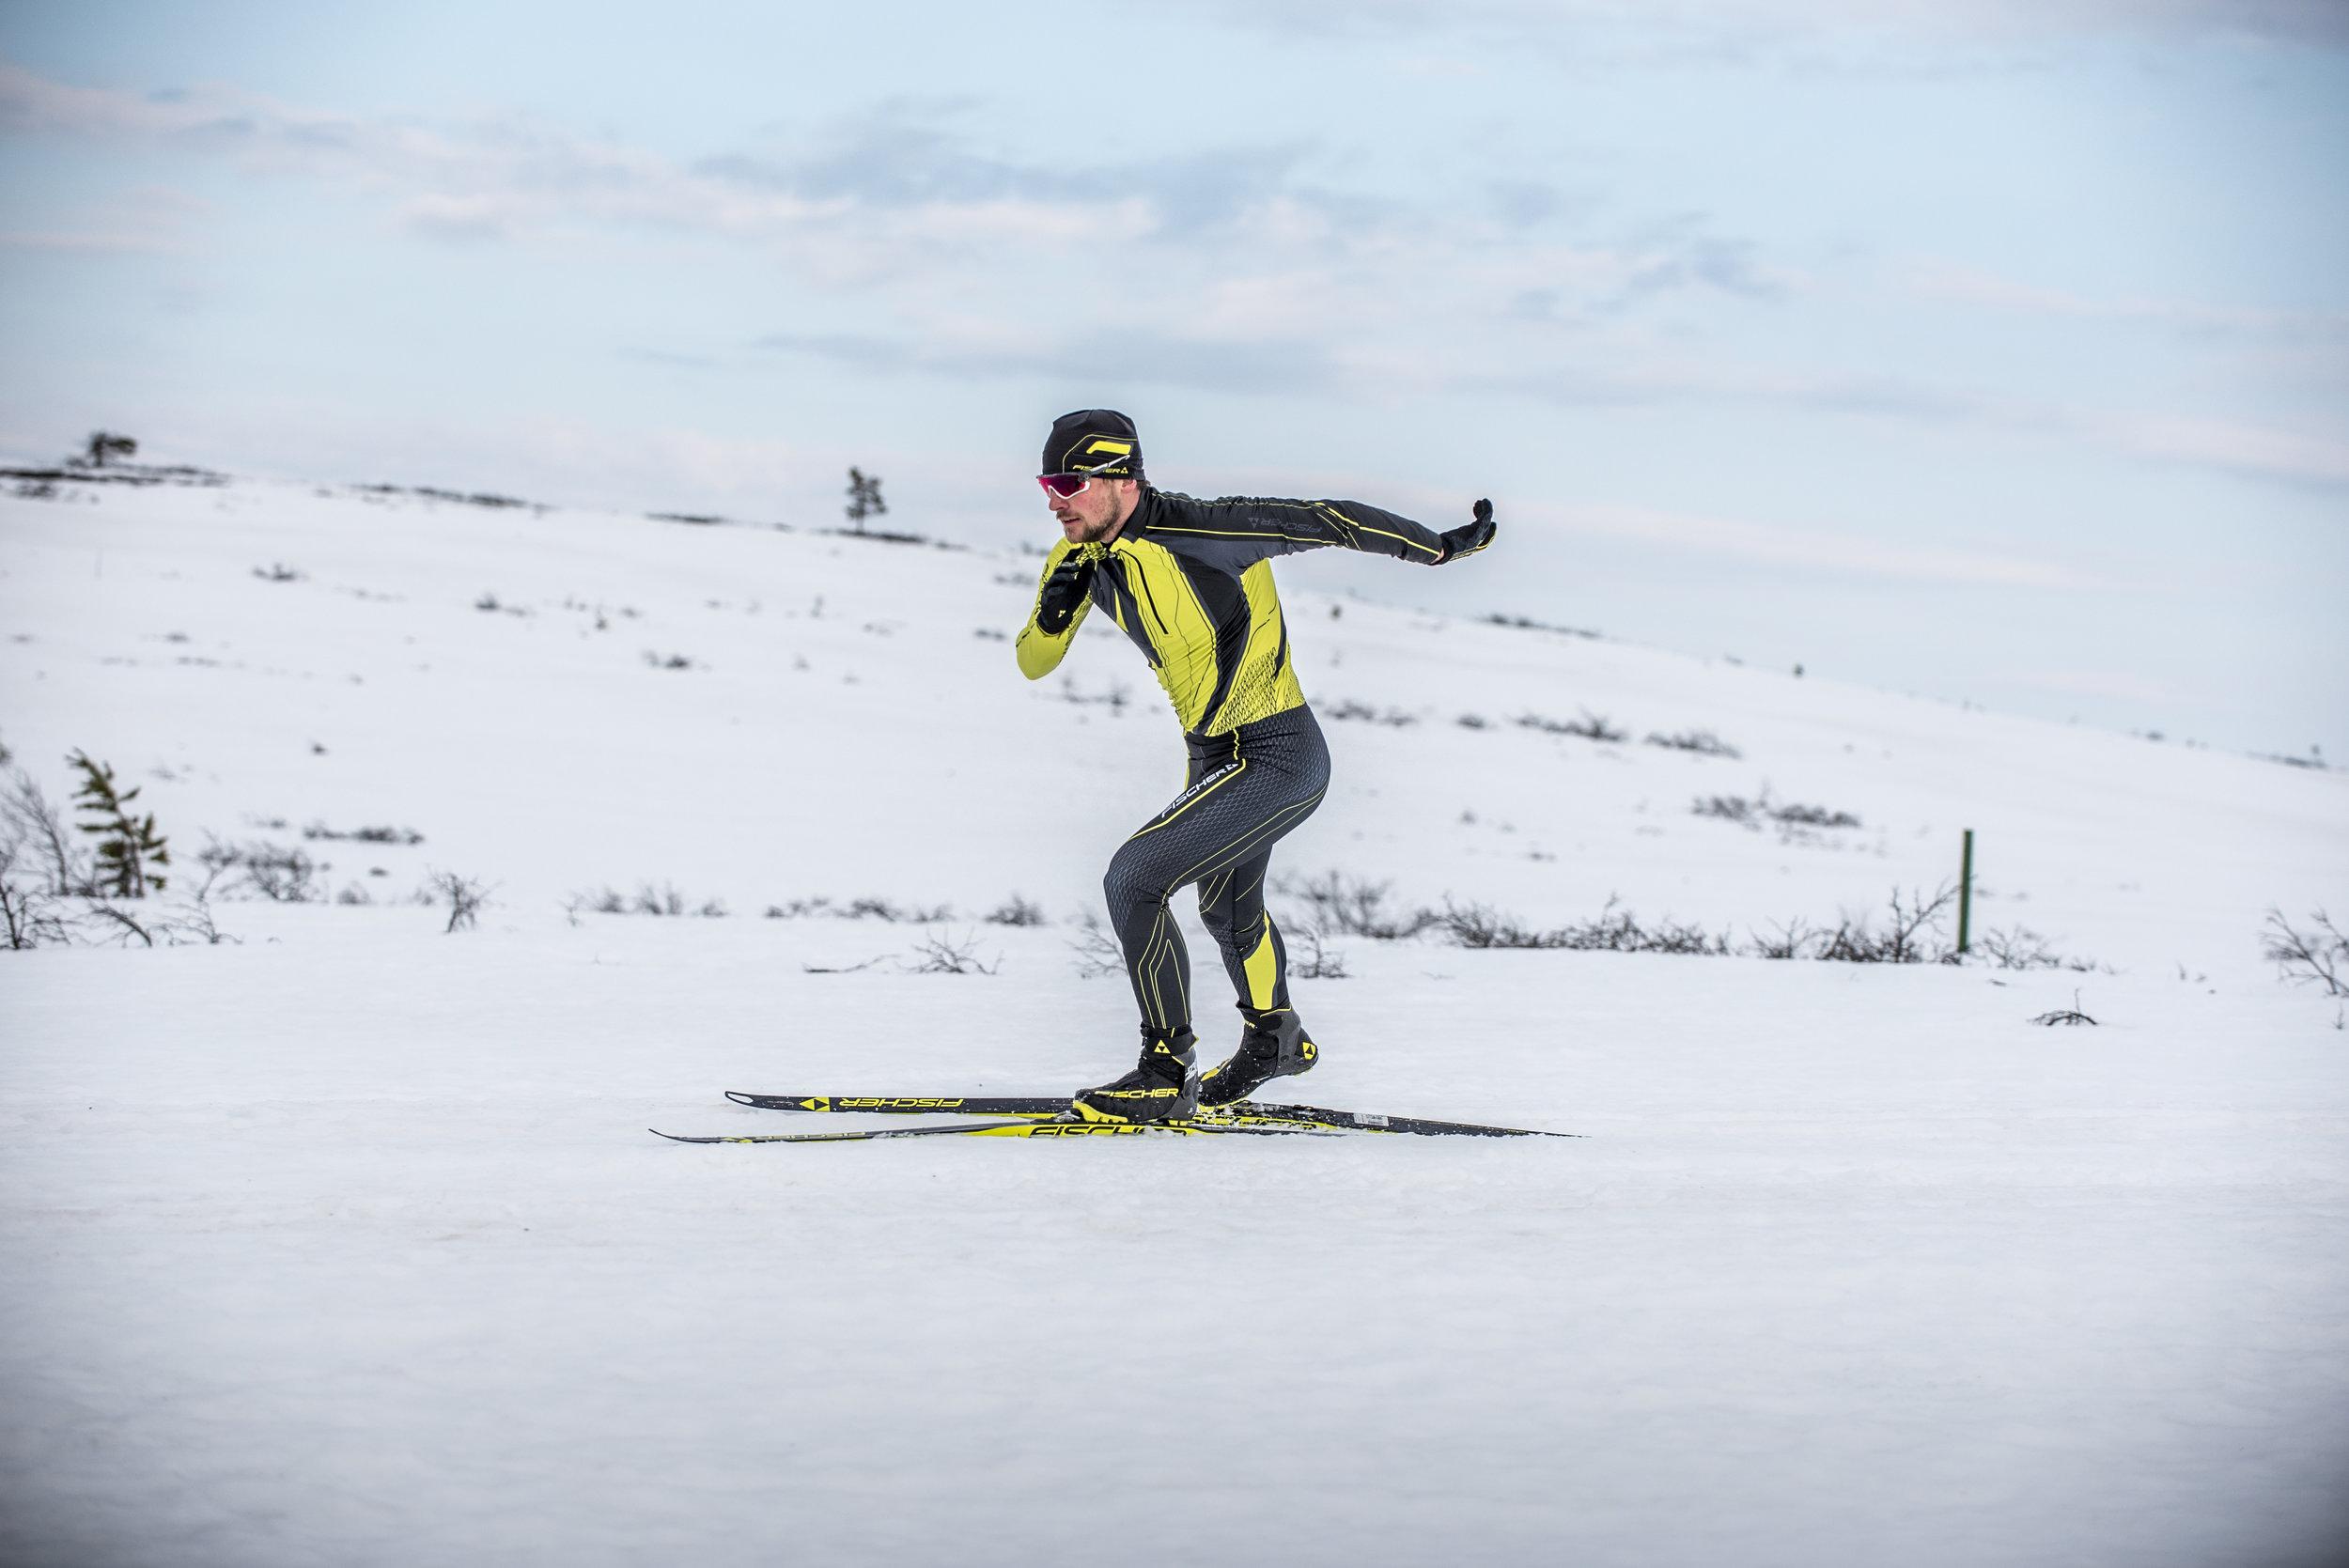 Opi hiihtämään